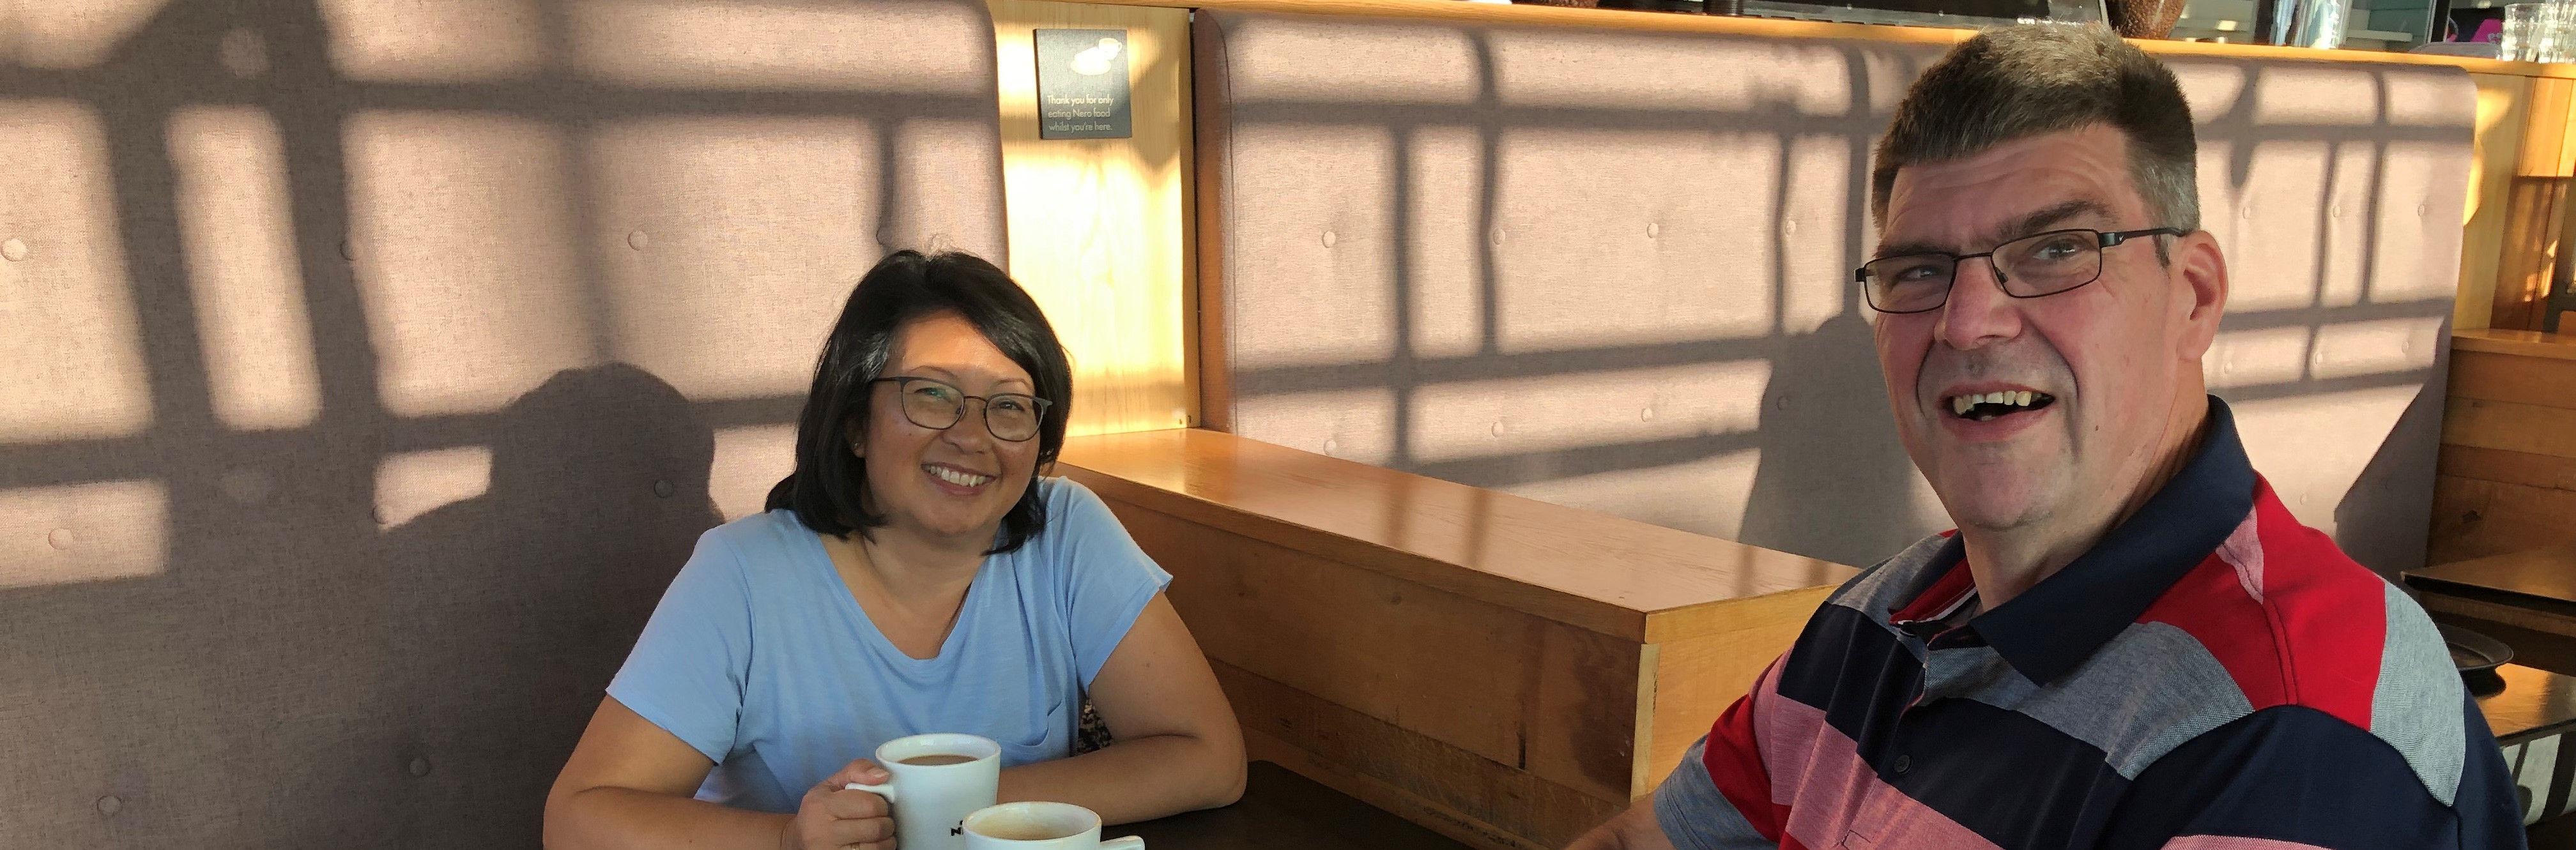 John and Kim at the airport